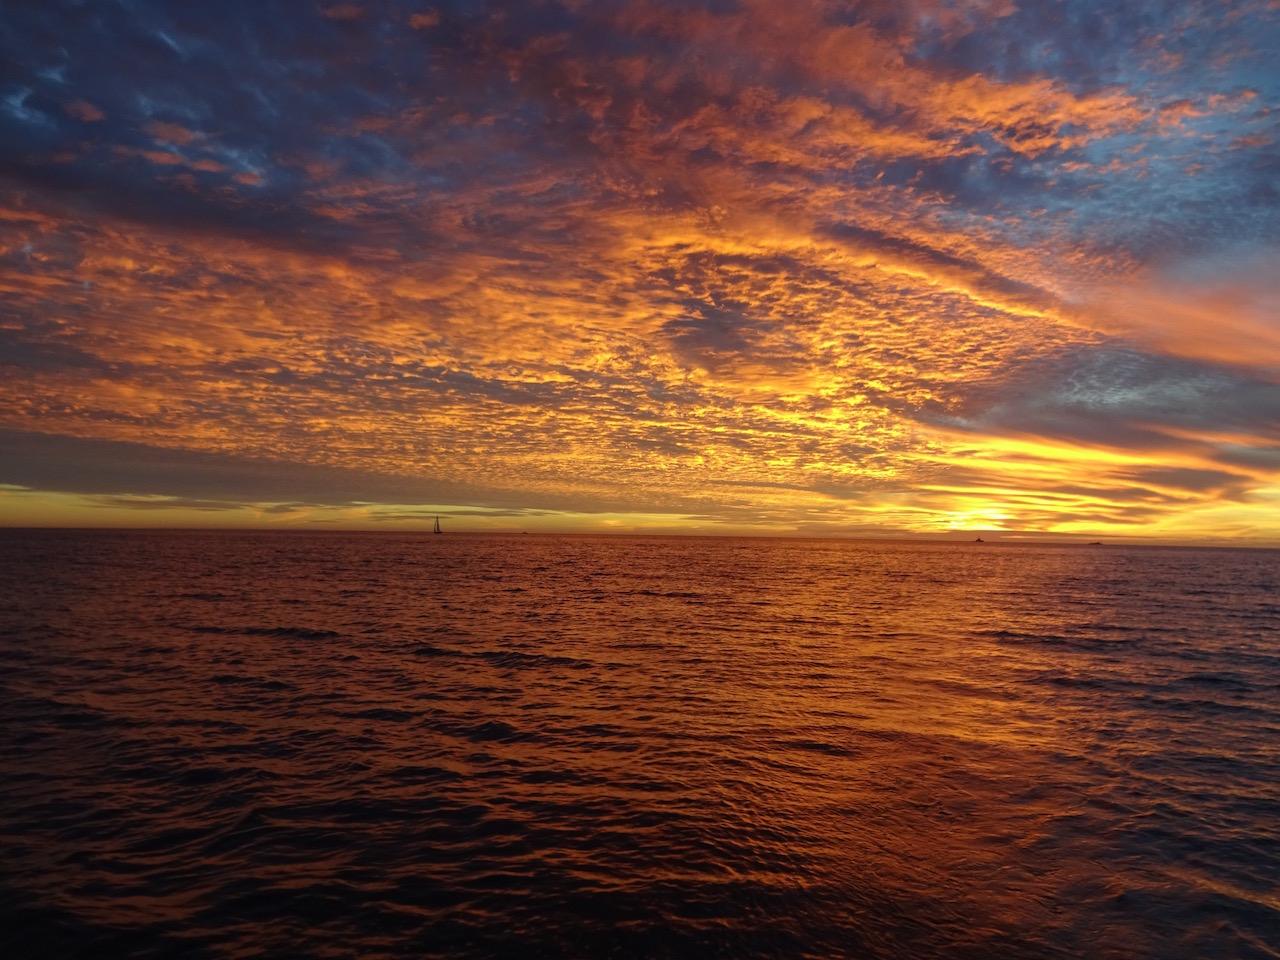 und mit dem letzten Tageslicht erreichen wir den Hafen von Cascais